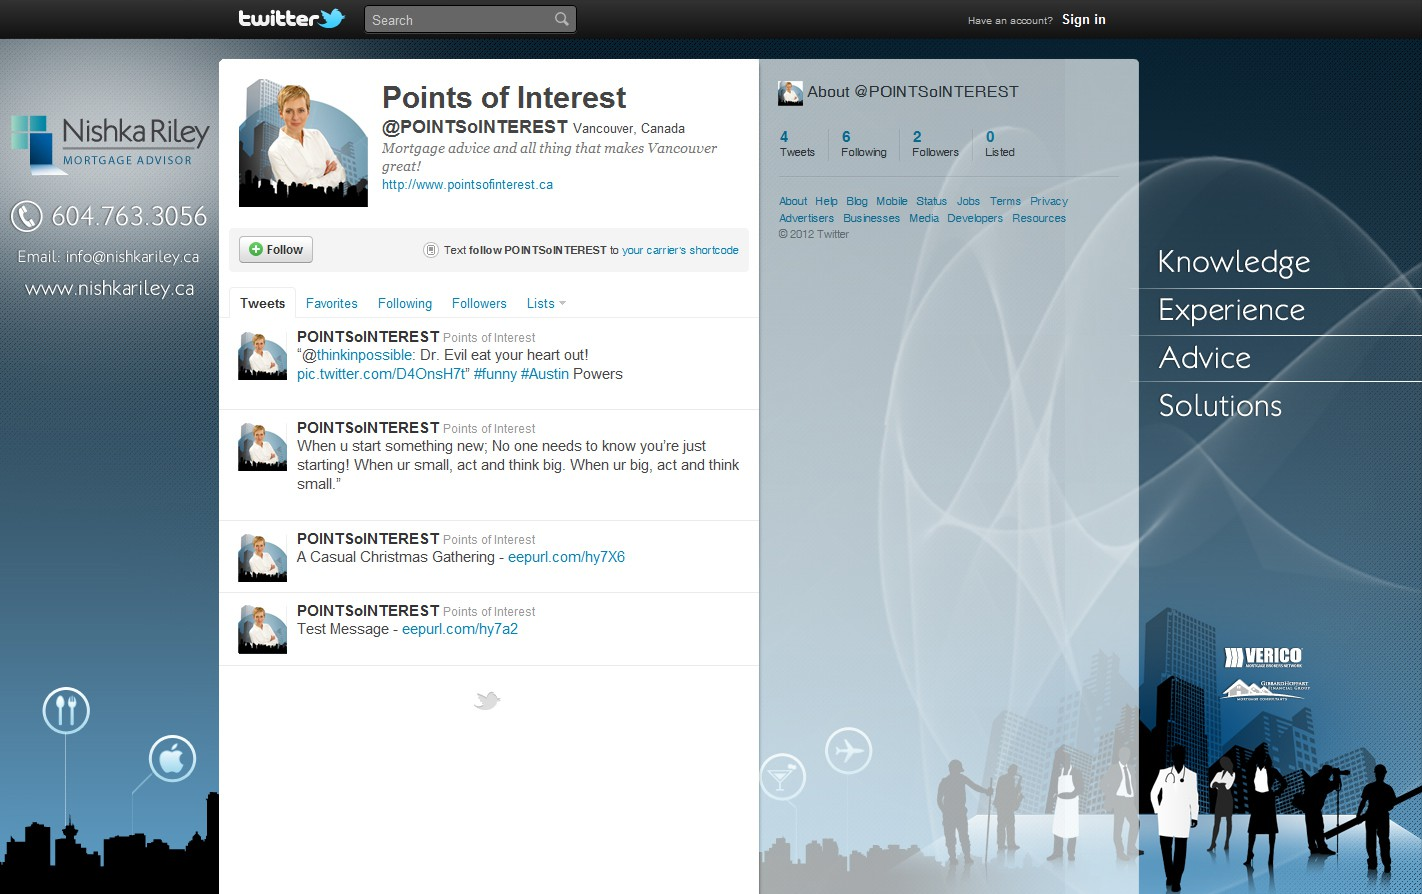 twitter background for Nishka Riley - Mortgage Advisor